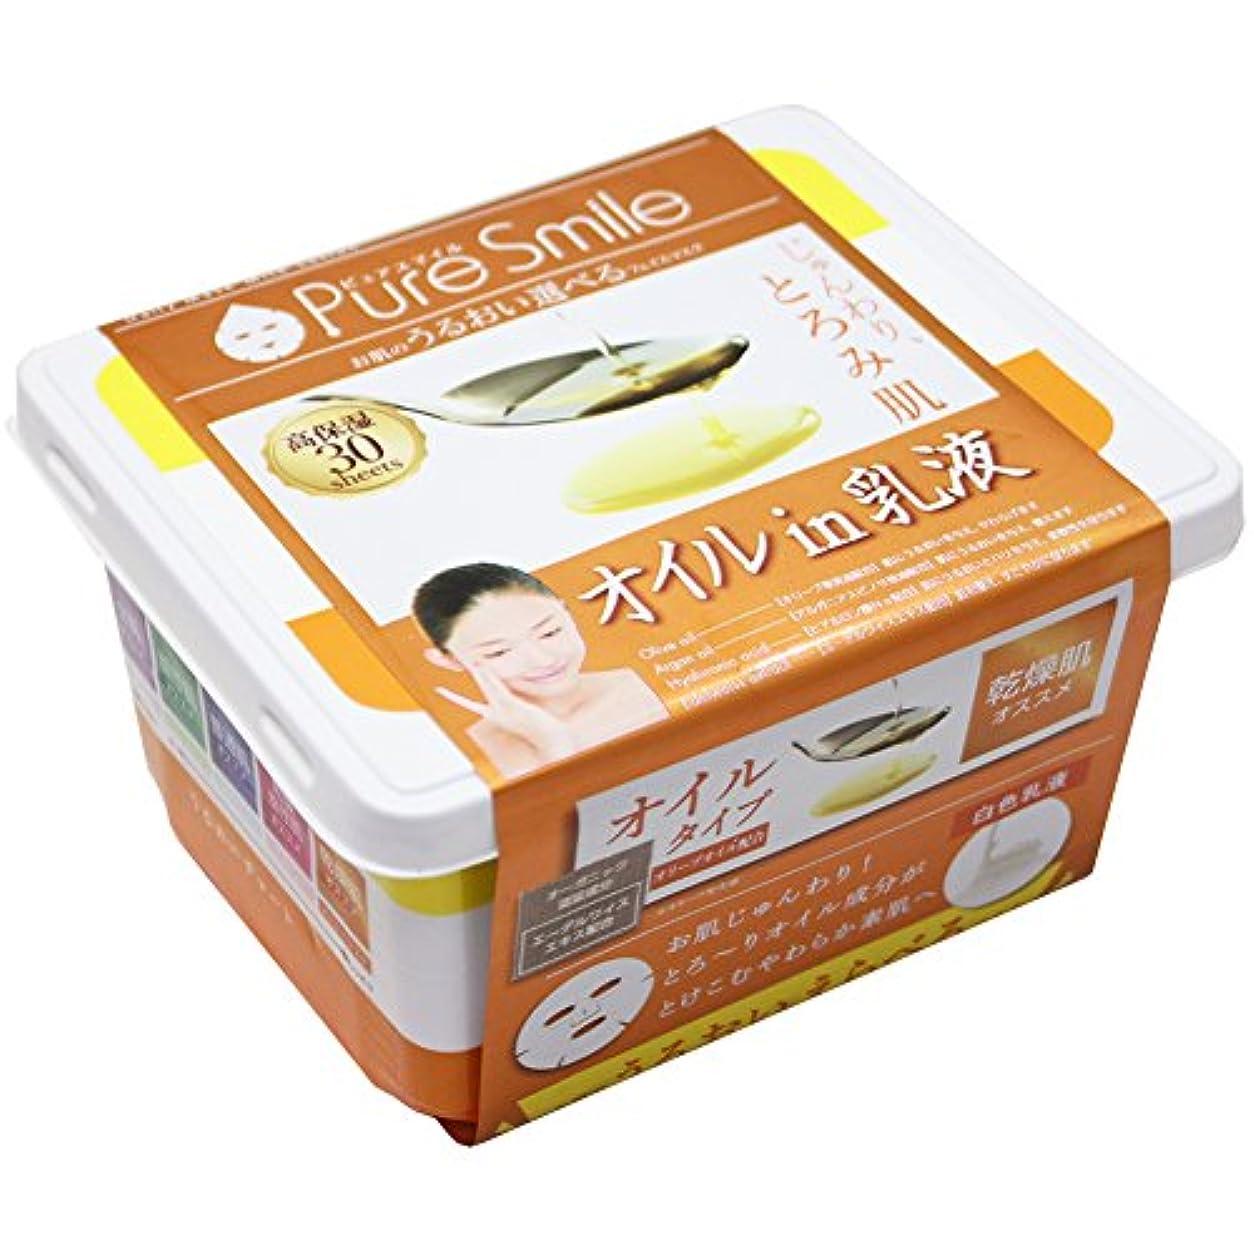 にはまってオッズとPureSmile(ピュアスマイル) フェイスパック エッセンスマスク 30枚セット オイルin乳液?3S05